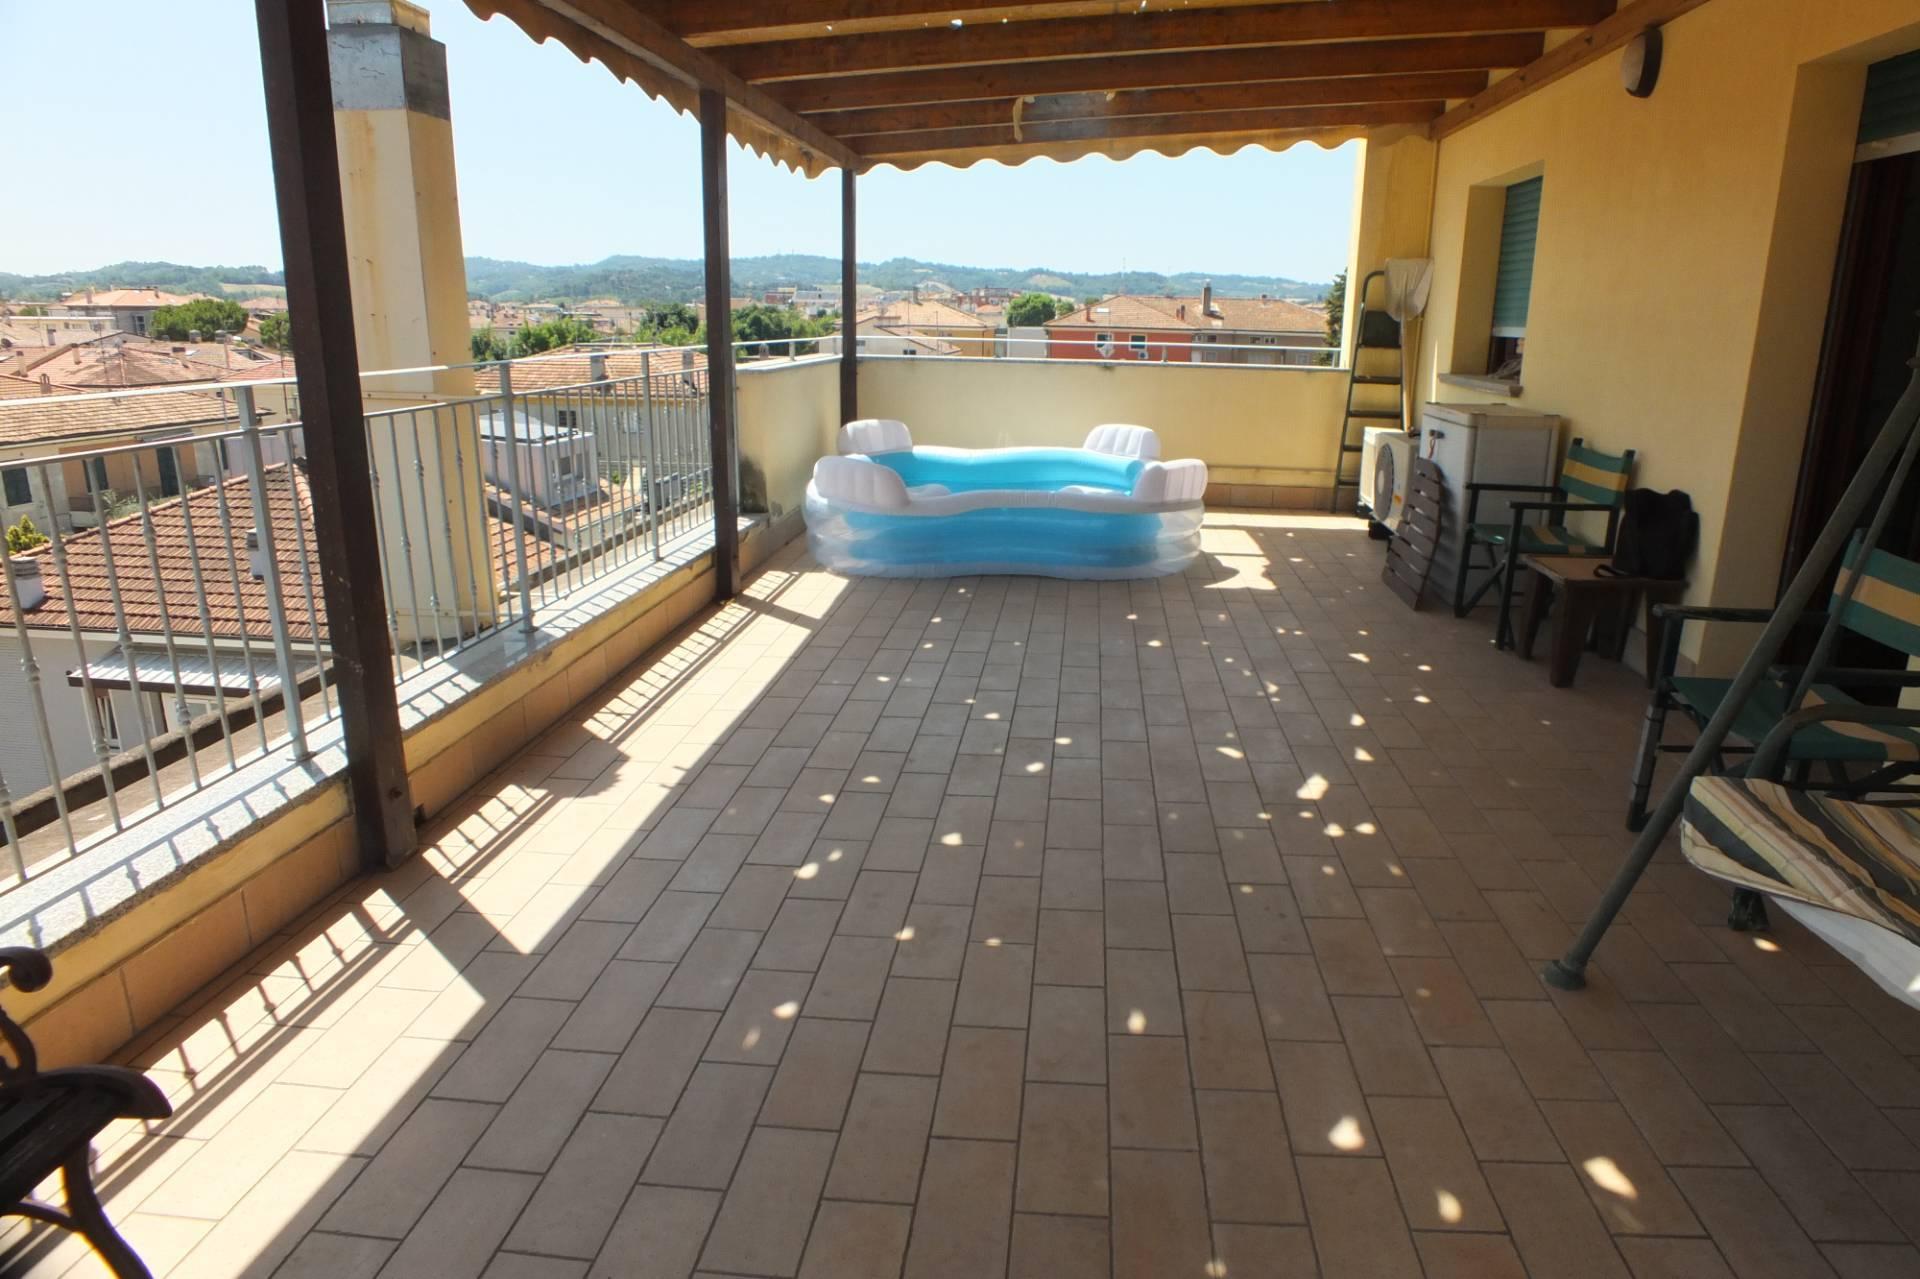 Attico / Mansarda in vendita a Pesaro, 5 locali, zona ano, prezzo € 350.000 | PortaleAgenzieImmobiliari.it